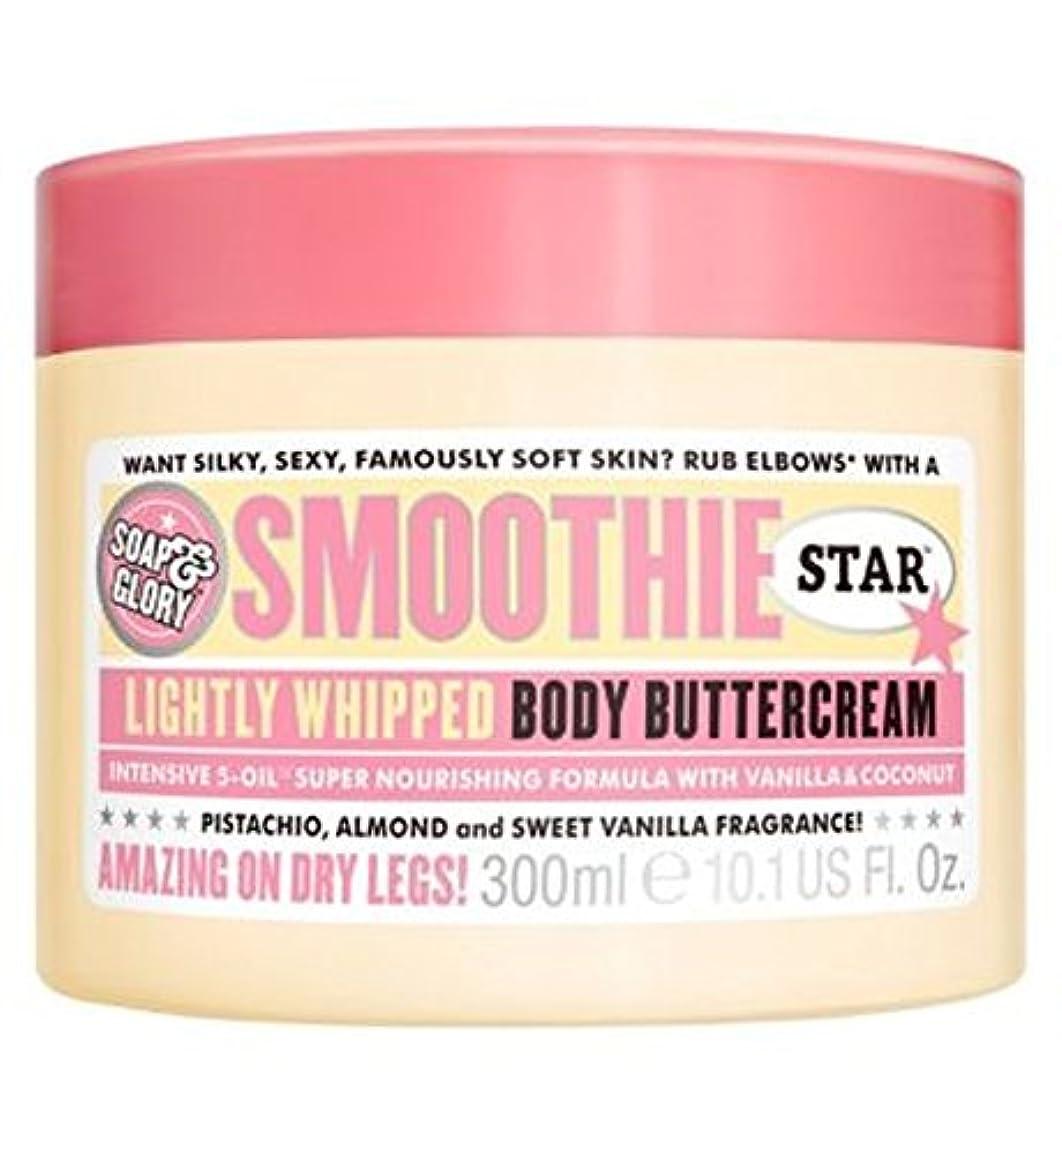 空気報復興味Soap & Glory Smoothie Star Body Buttercream 300ml - 石鹸&栄光スムージースターのボディバタークリームの300ミリリットル (Soap & Glory) [並行輸入品]